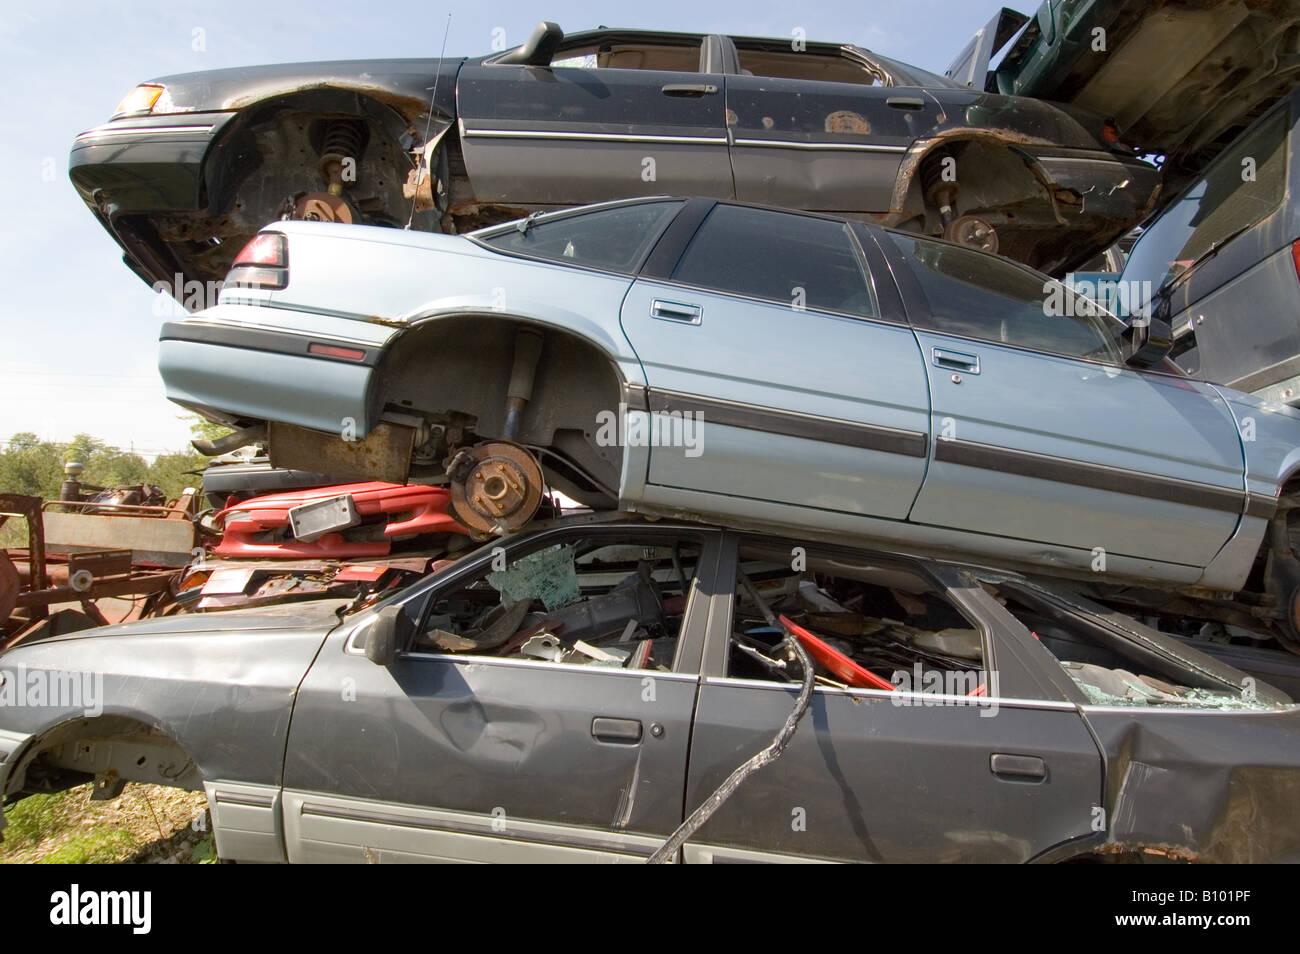 Ziemlich Teile Name Des Autos Mit Bildern Zeitgenössisch ...